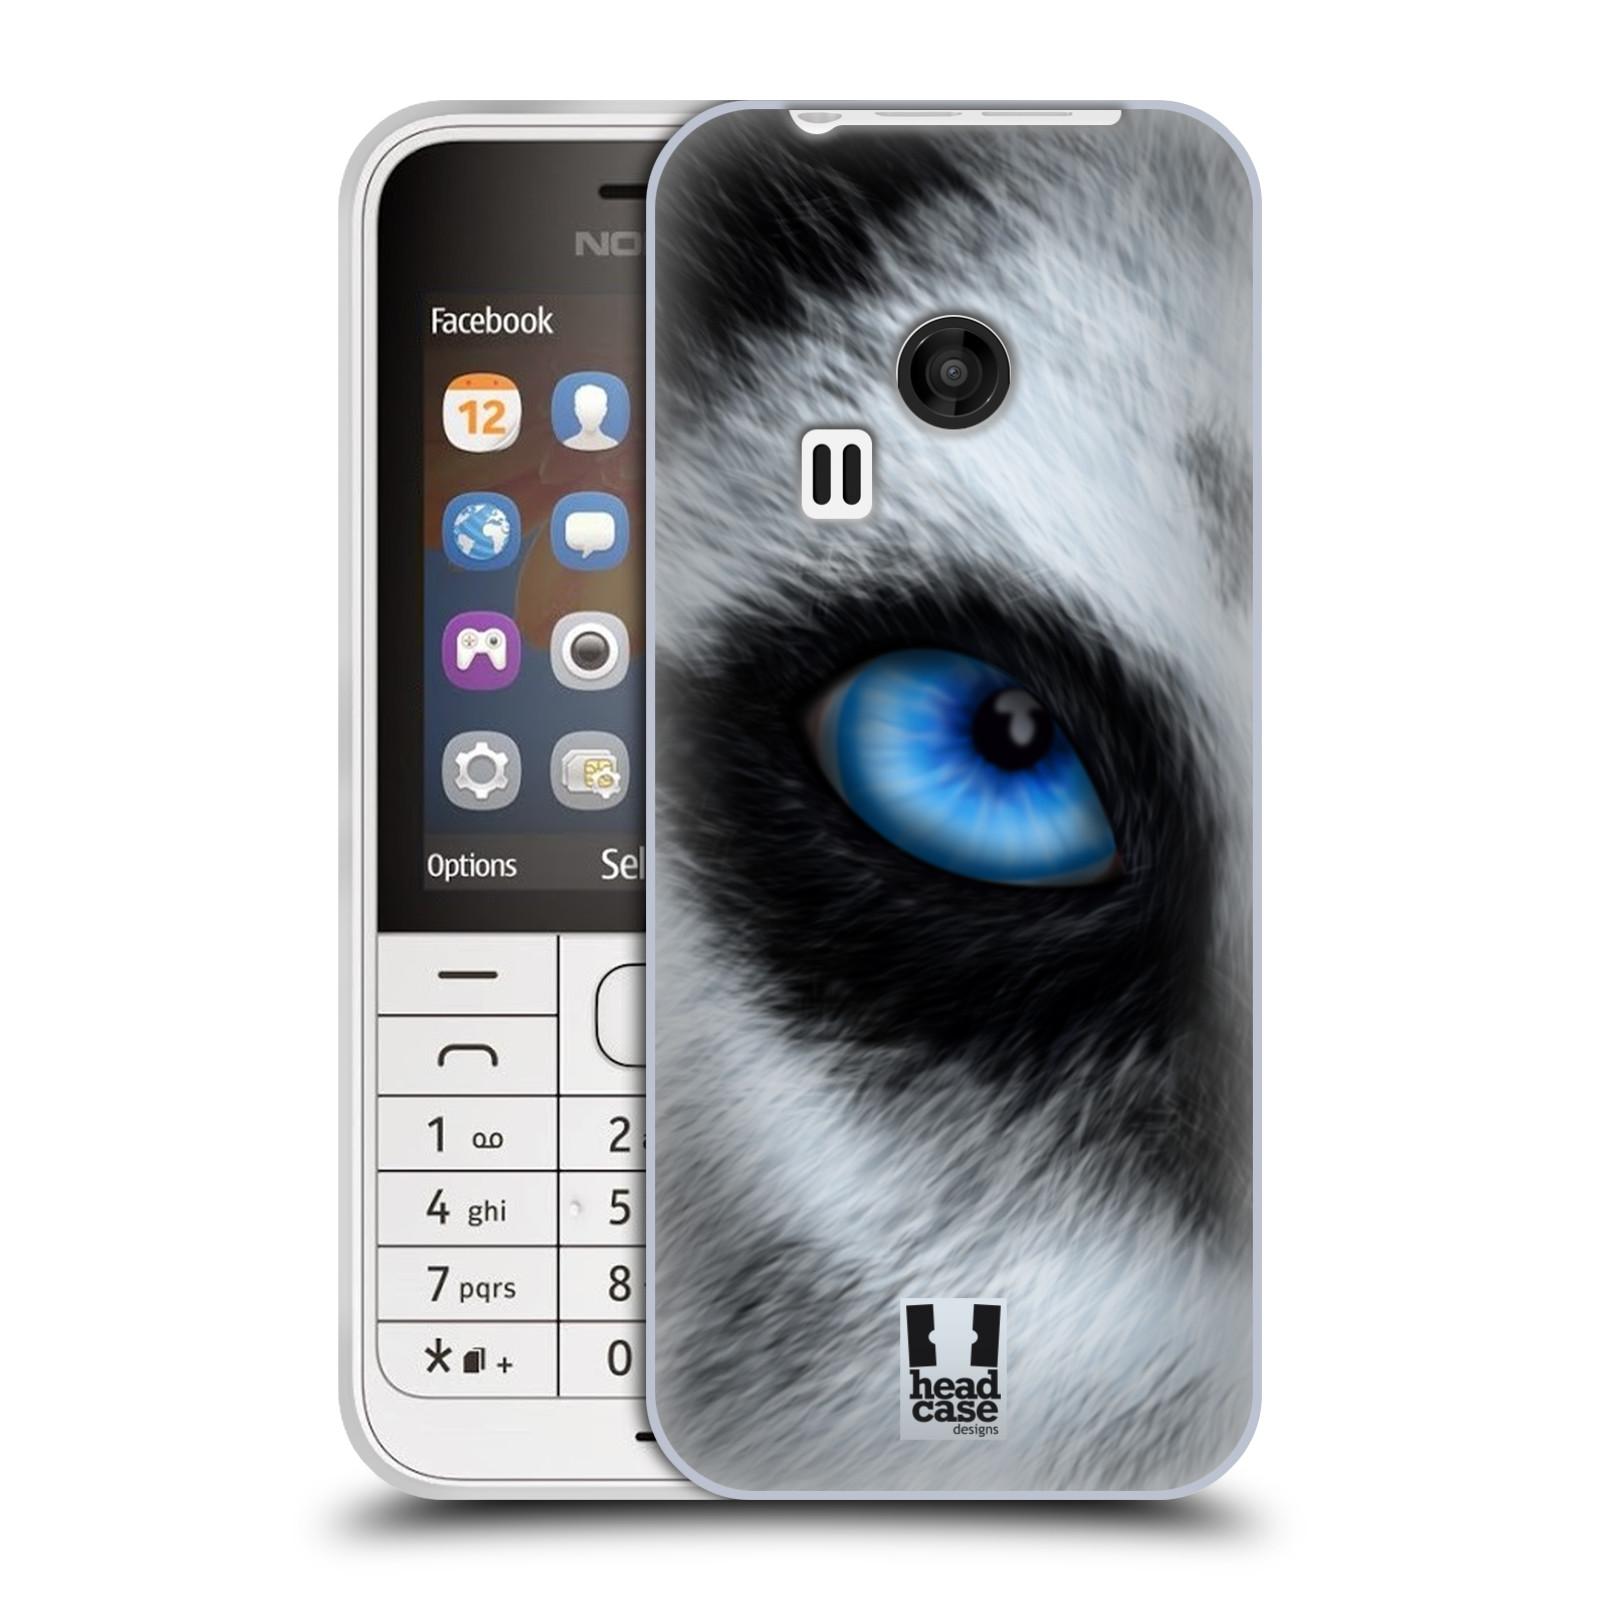 HEAD CASE silikonový obal na mobil NOKIA 220 / NOKIA 220 DUAL SIM vzor pohled zvířete oko pes husky